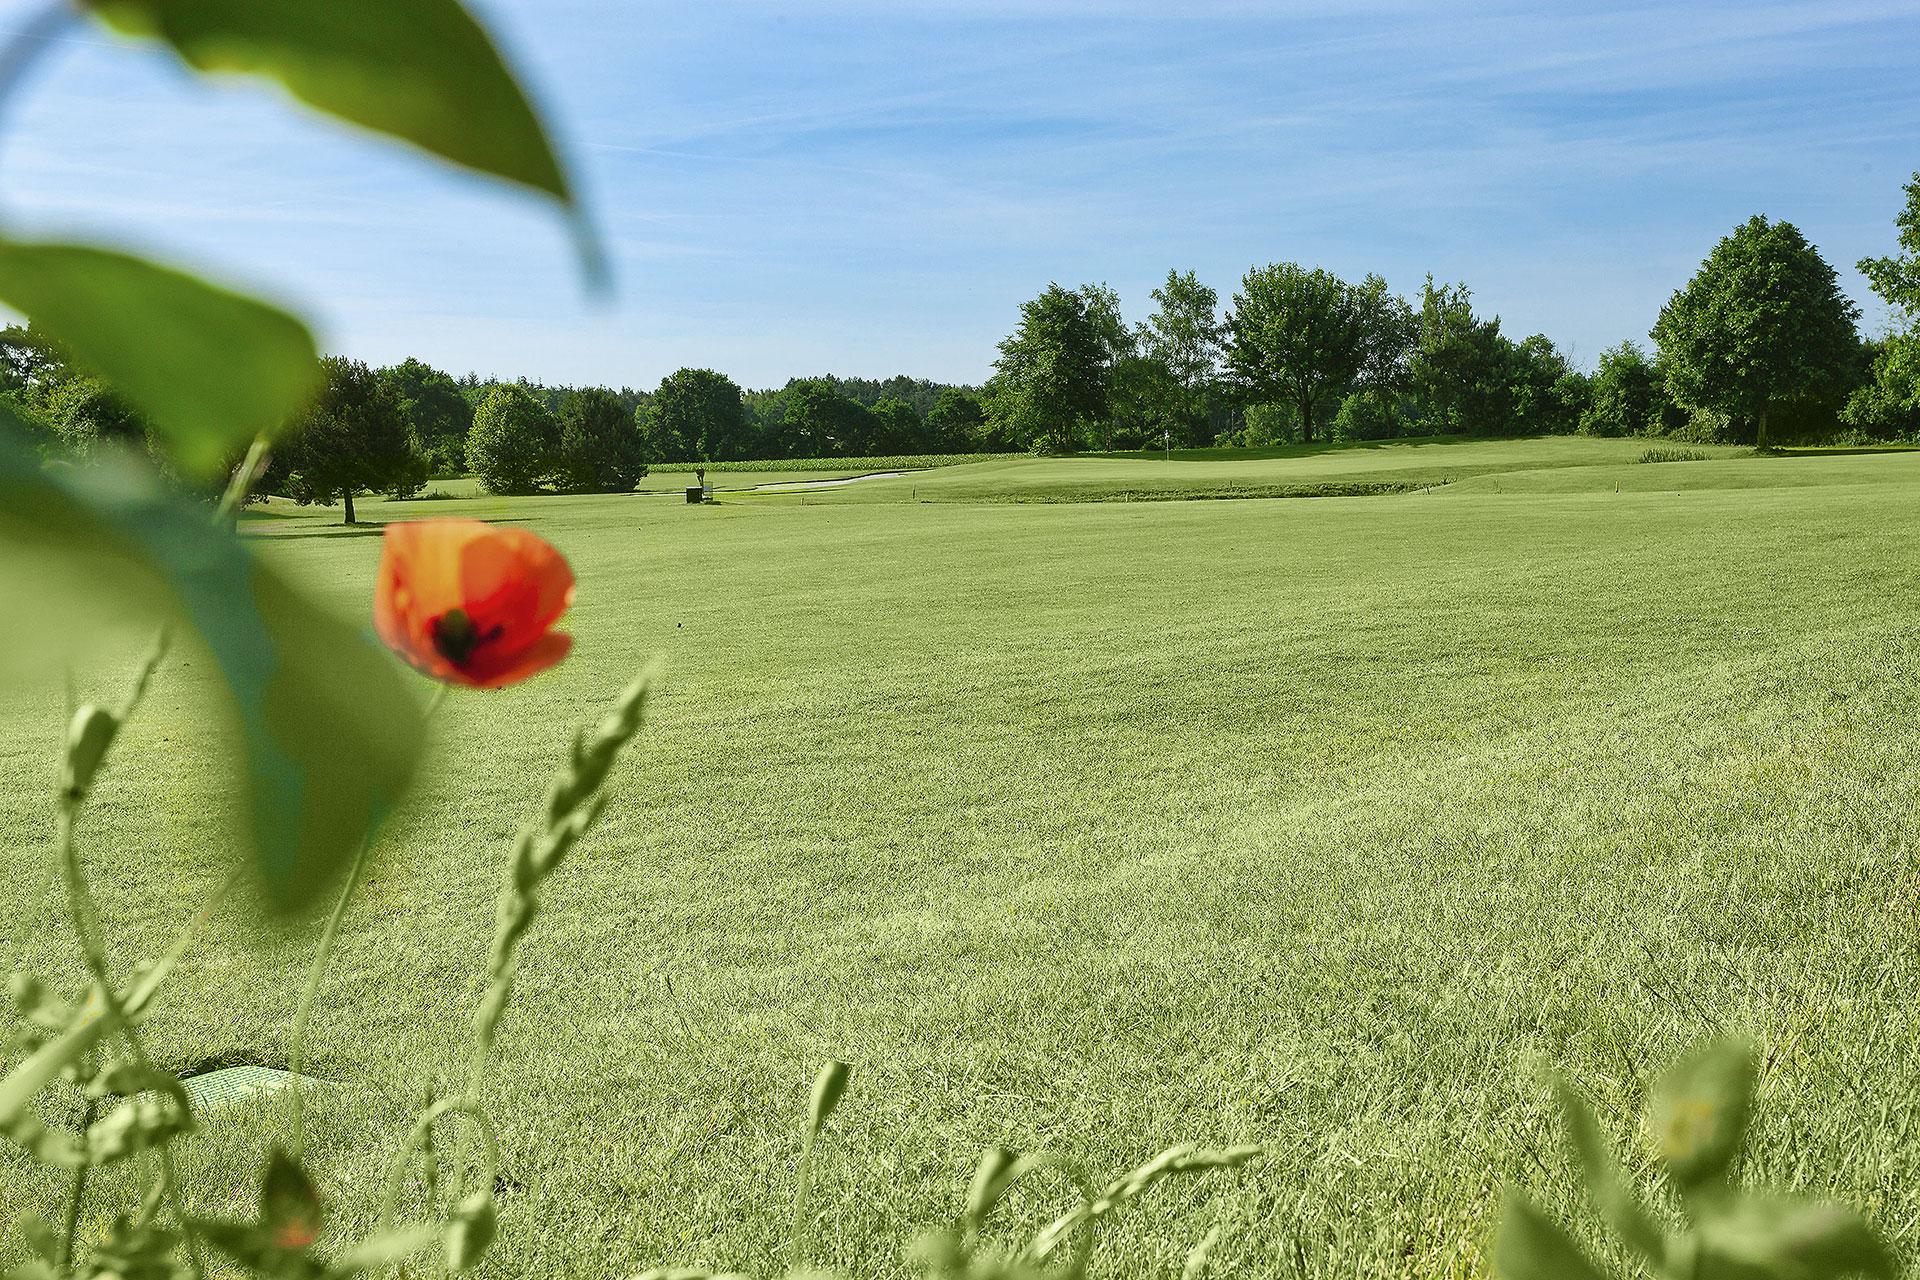 Bahn-C5-golf-anlage